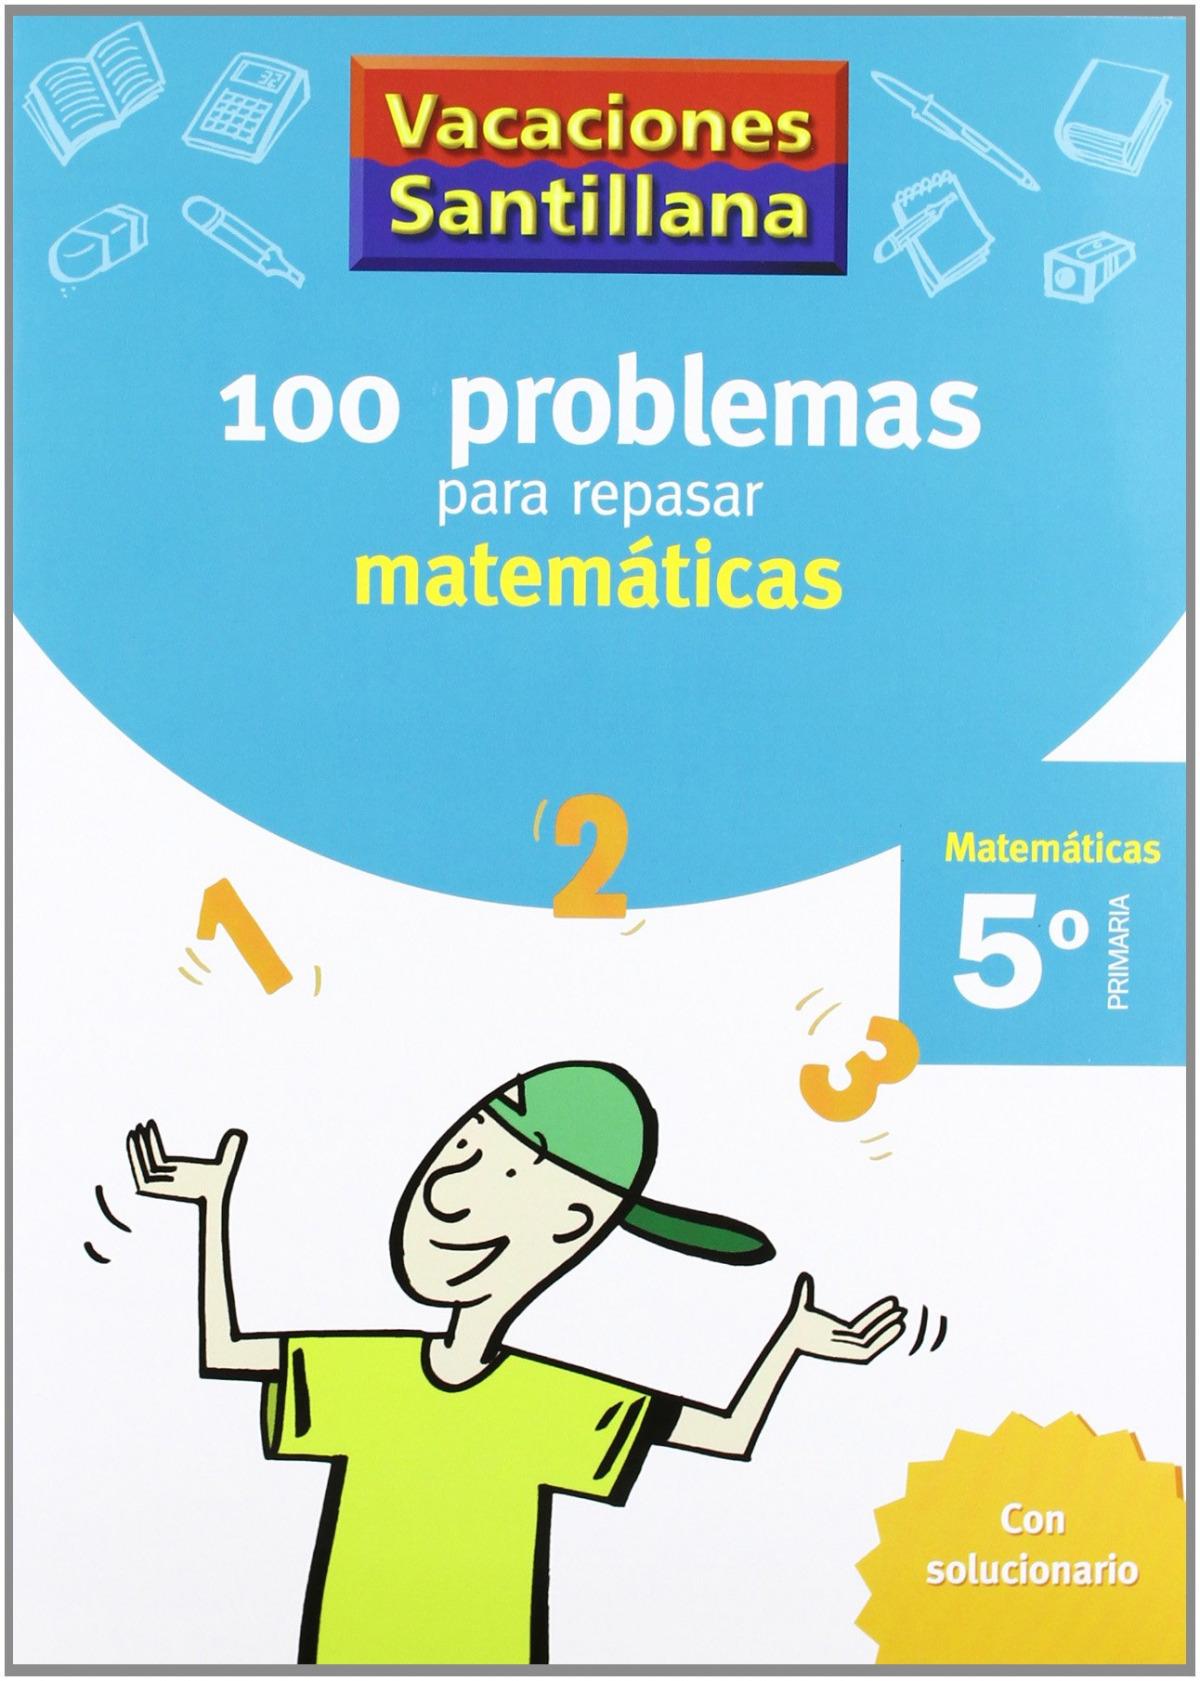 VACAIONES 100 PROBLEMAS PARA REPASAR MATEMATICAS 5 PRIMARIA SANTILLANA